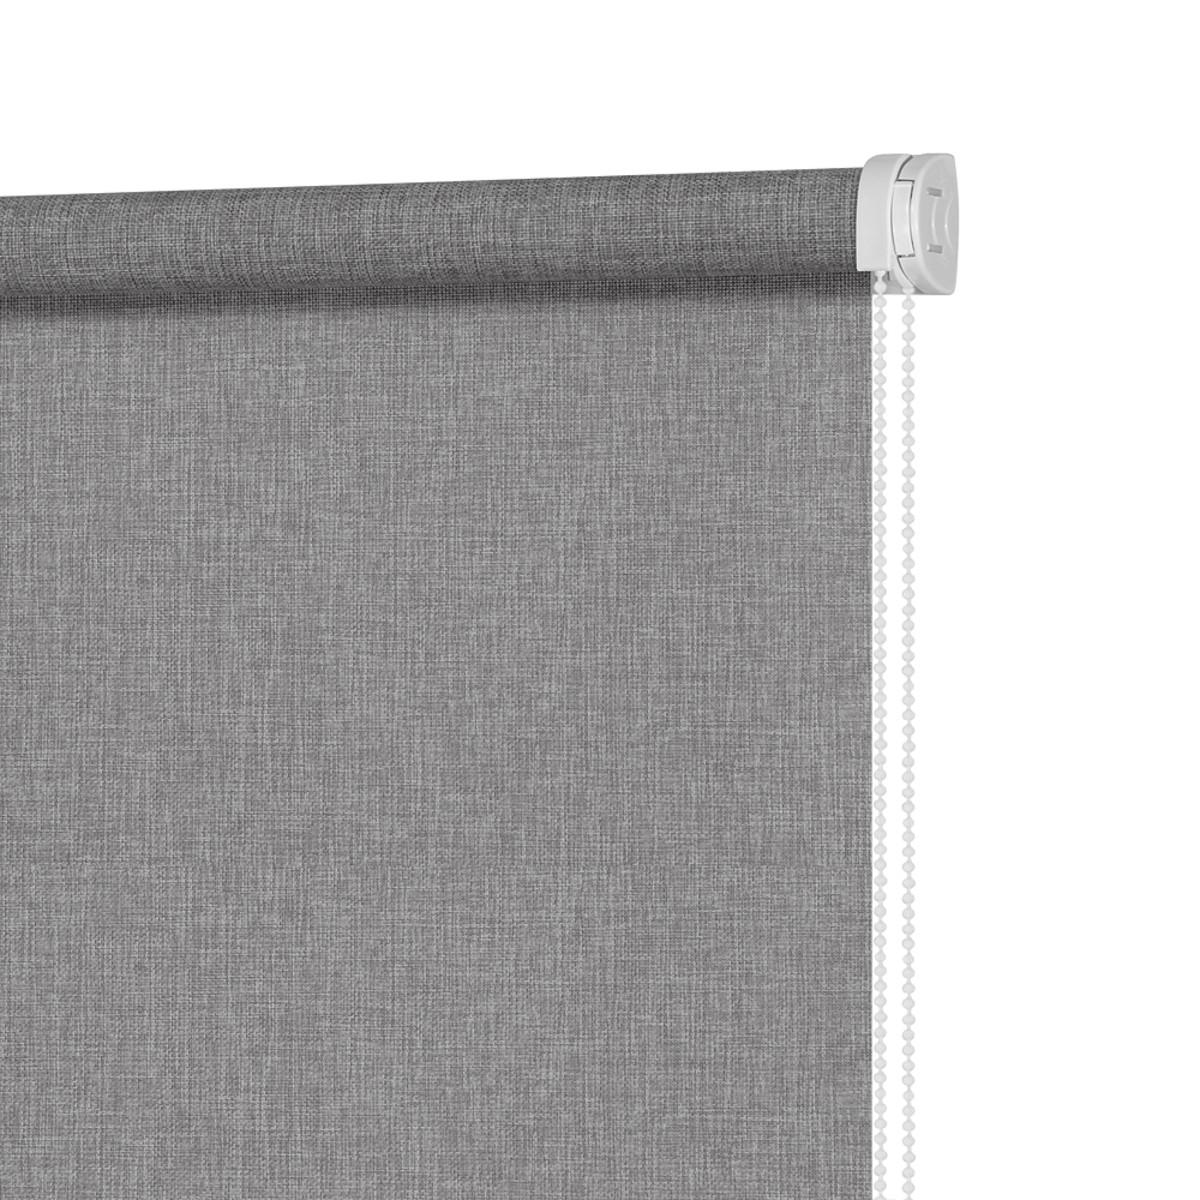 Рулонная Ора Decofest Фелиса 90Х160 Цвет Серый